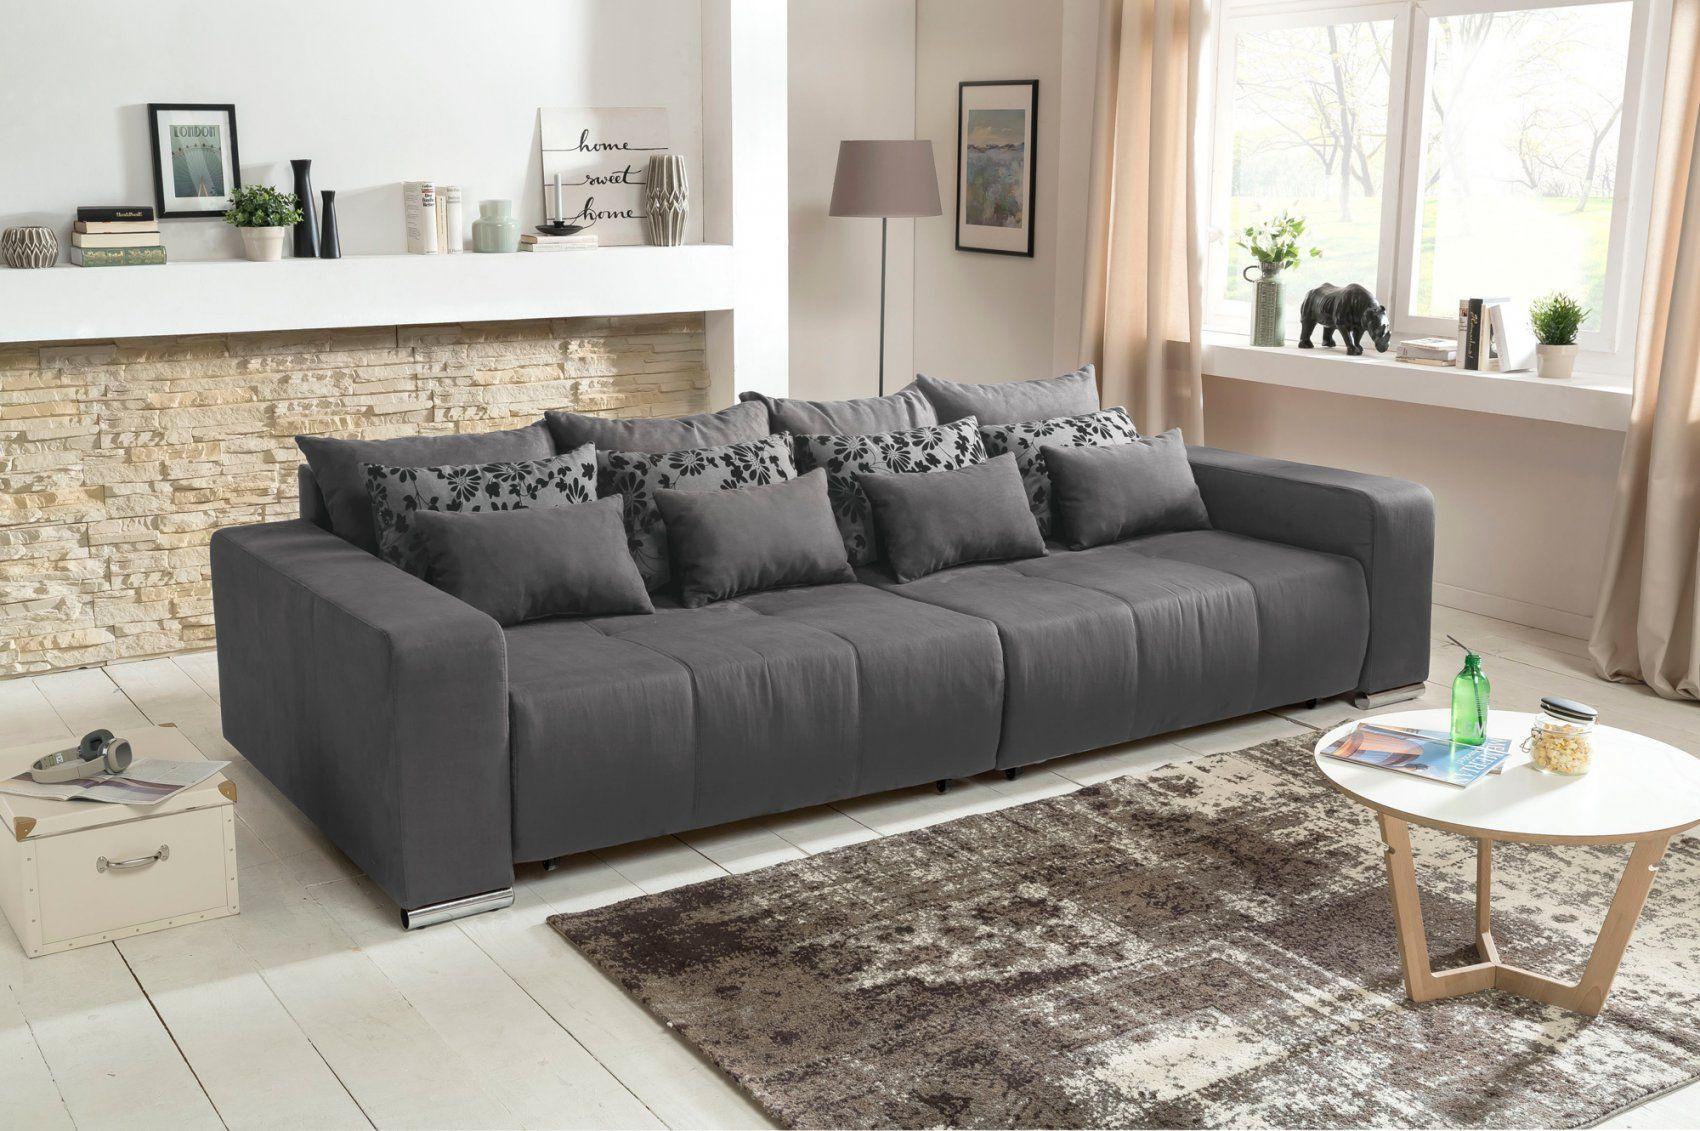 Moderne Und Gunstige Polstermobel Kaufen Von Moderne Sofas Fur Kleine Raume Photo Big Sofa Mit Schlaffunktion Couch Mobel Sofa